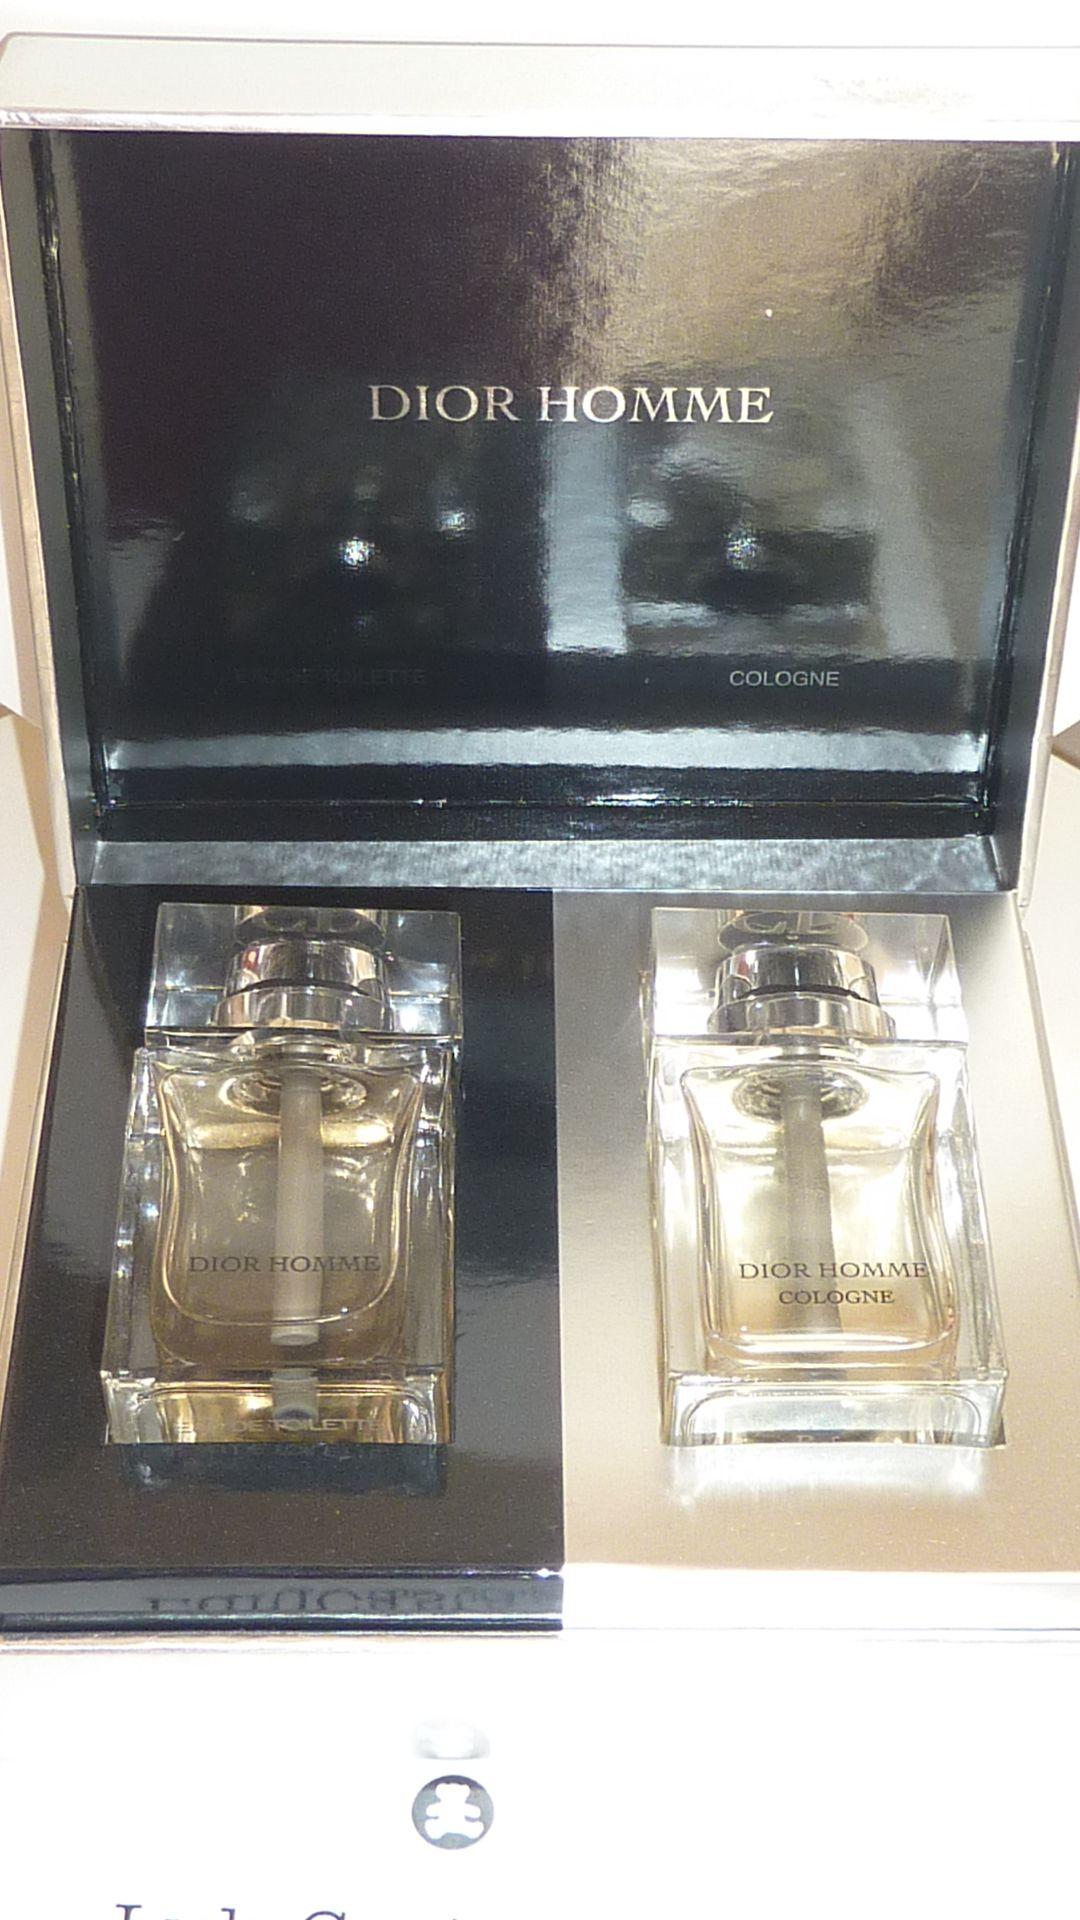 Les Autres Parfum De Miniature Tous OXwPn08k